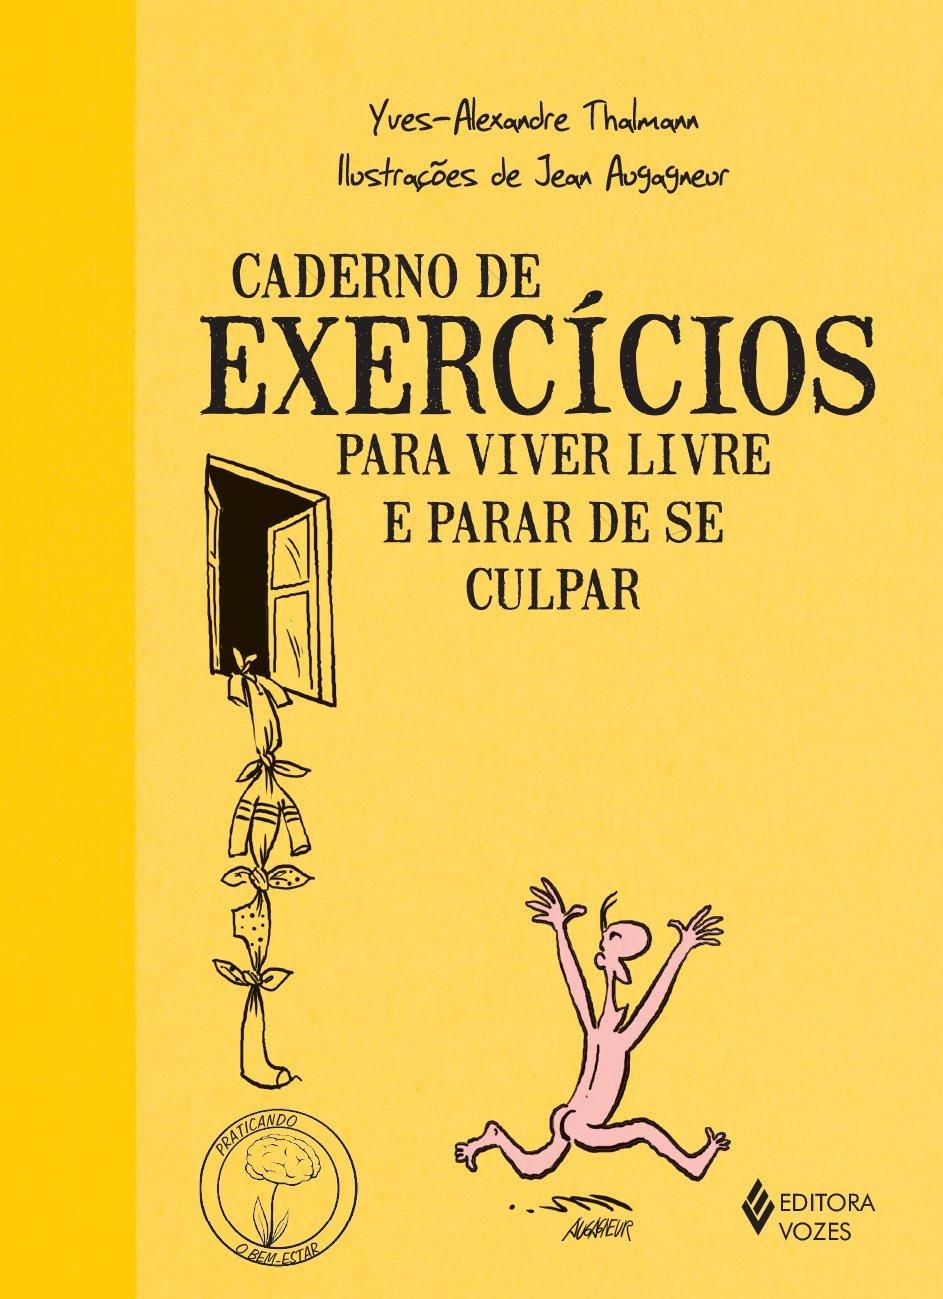 Foto 1 - Caderno de exercícios para viver livre e parar de -